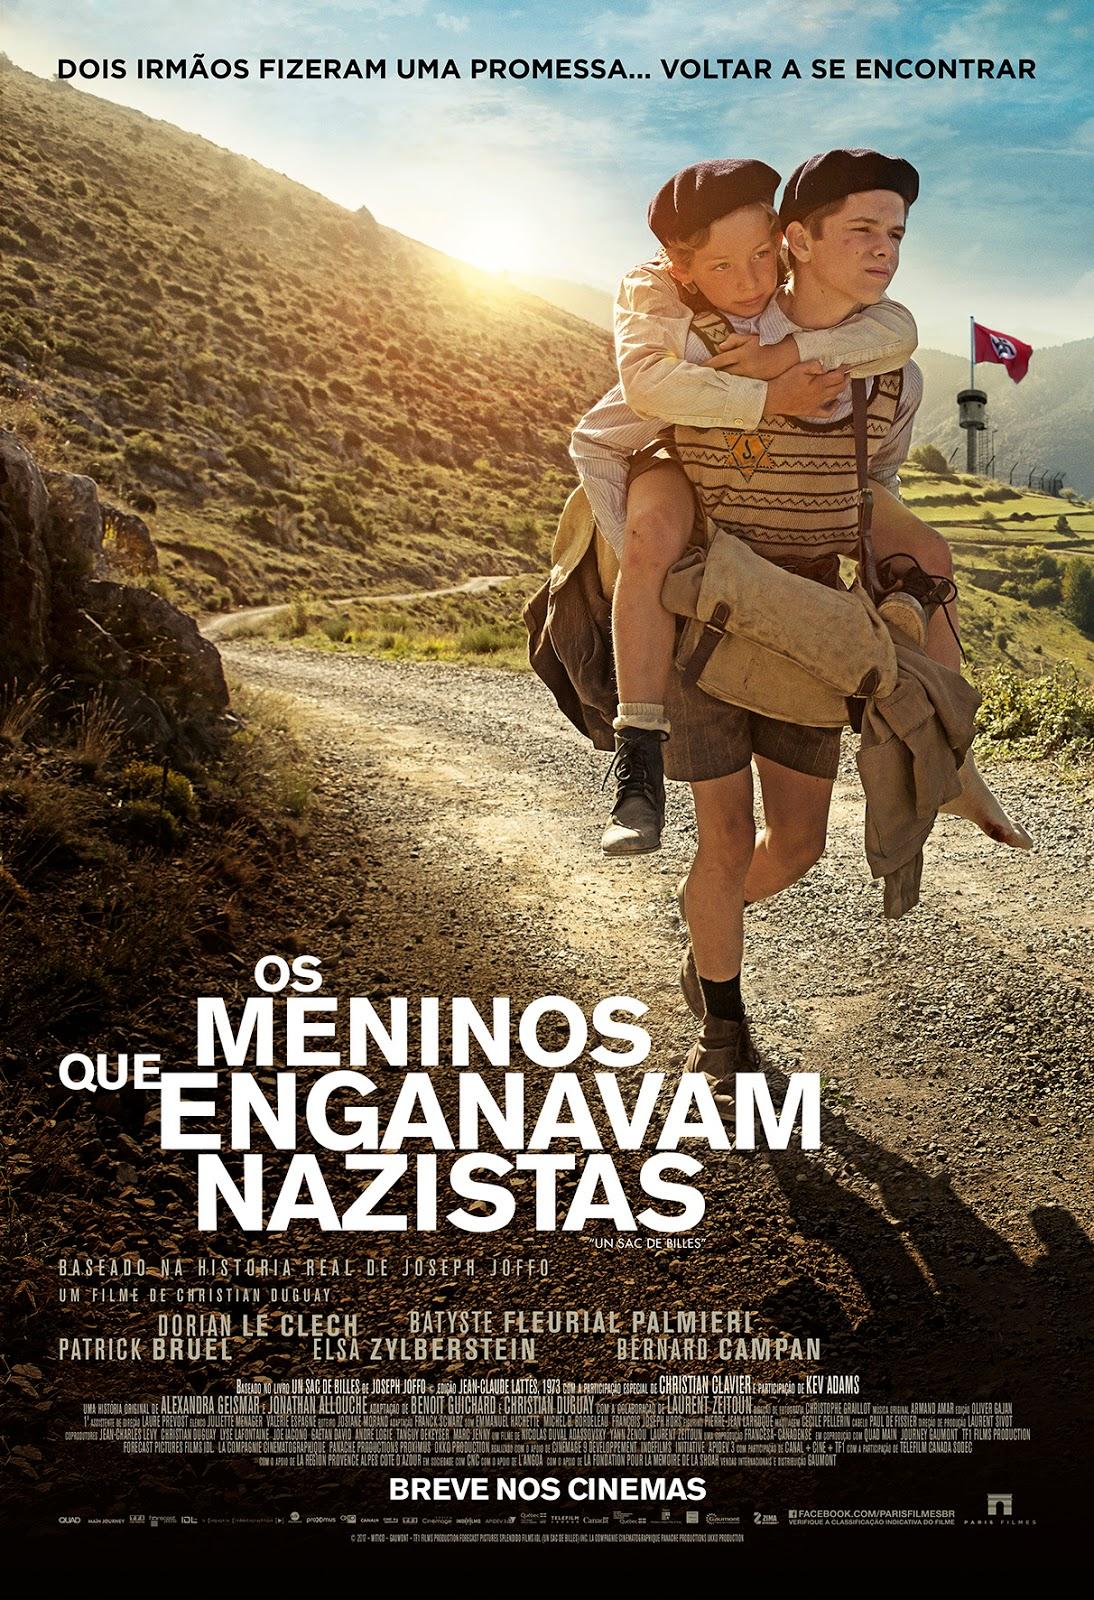 Filme Poster Os Meninos Que Enganavam Nazistas